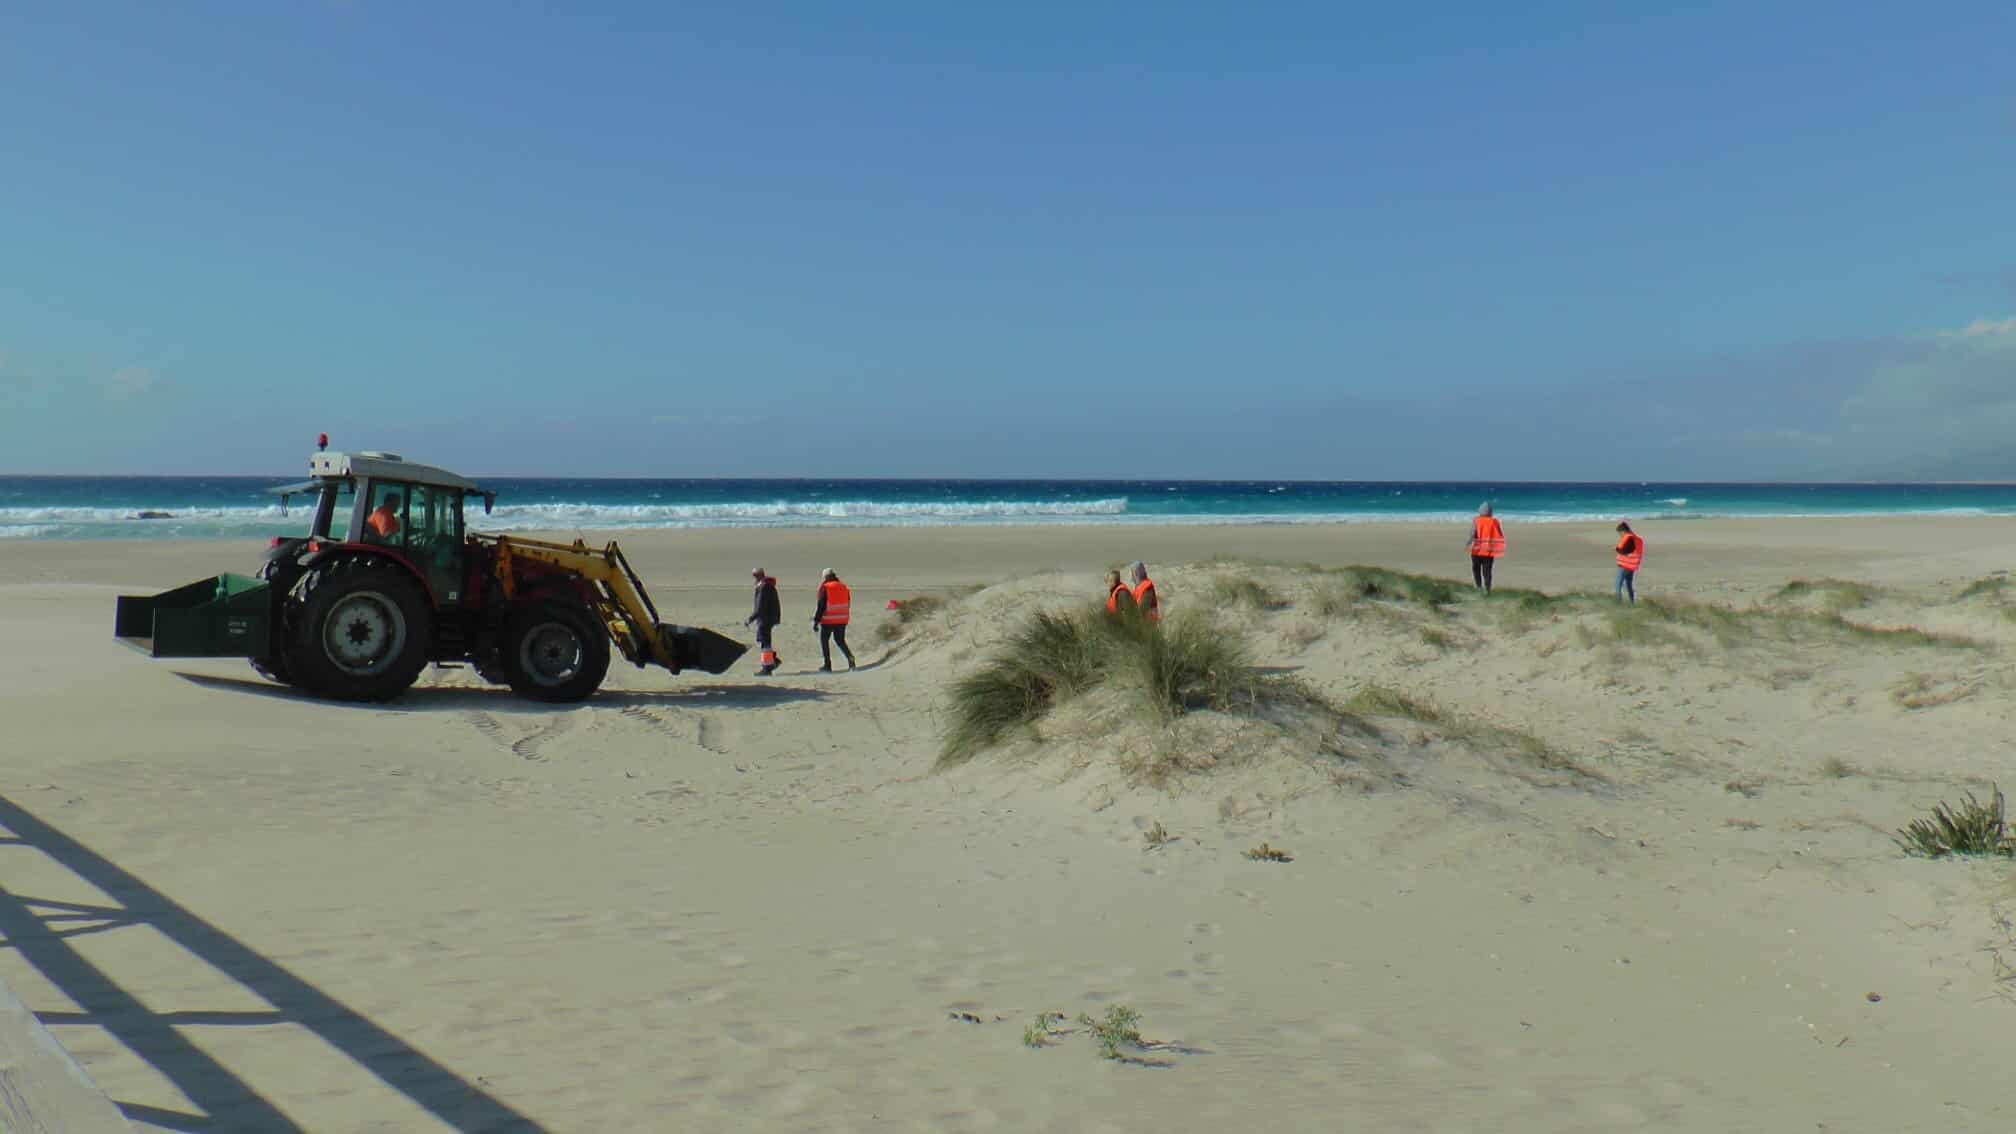 Ayuntamiento y Diputación de Cádiz redoblan esfuerzos para el mantenimiento y conservación del litoral tarifeño